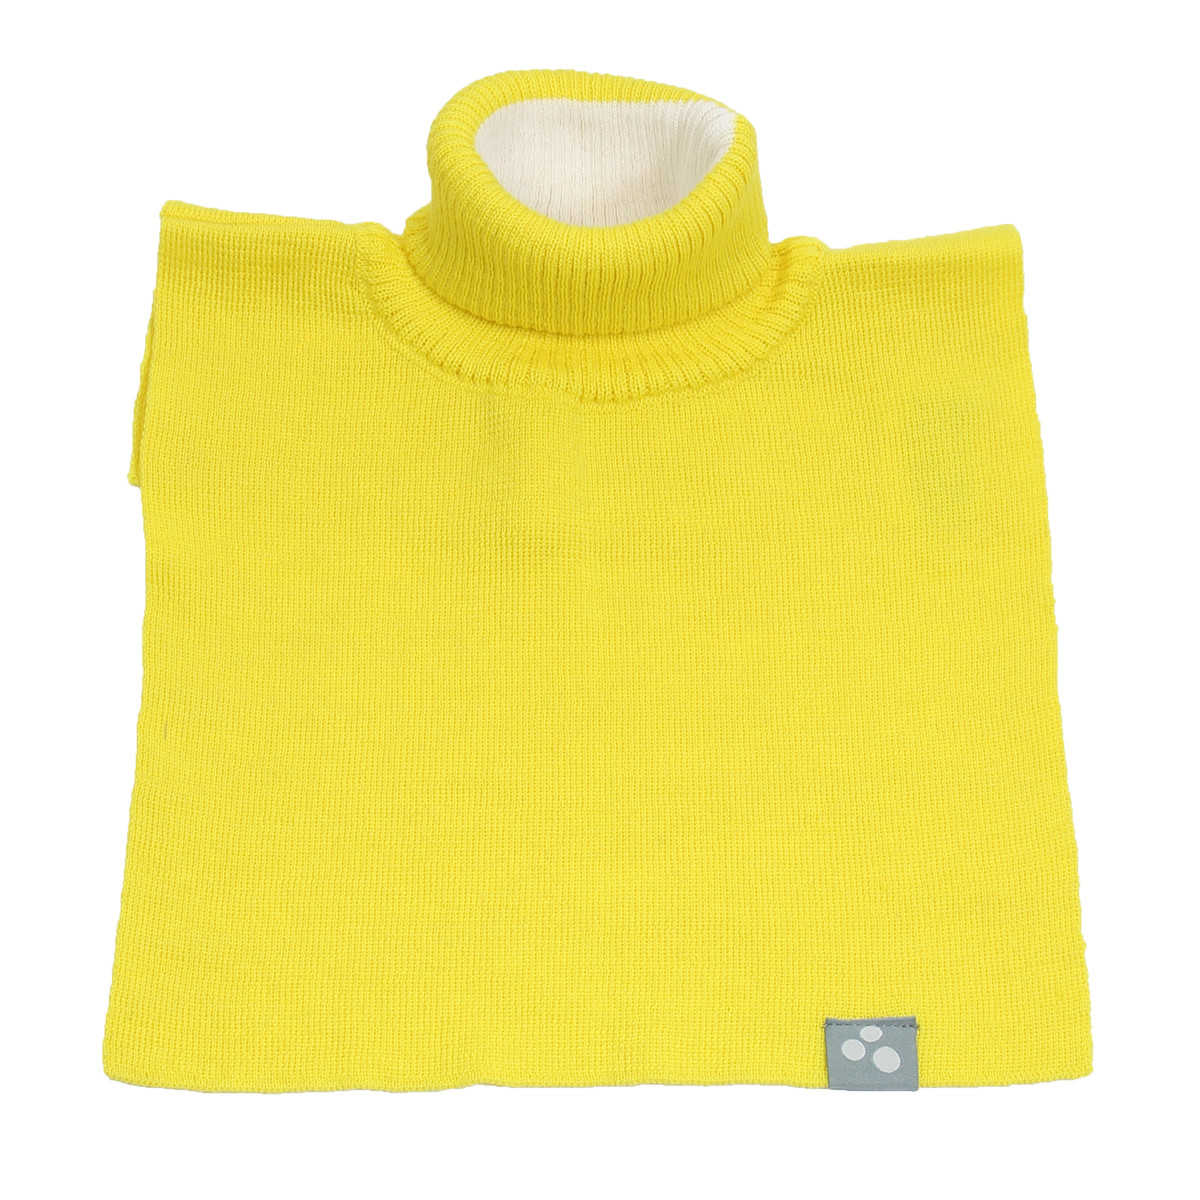 Детская манишка CORA, желтый, Размер S,L